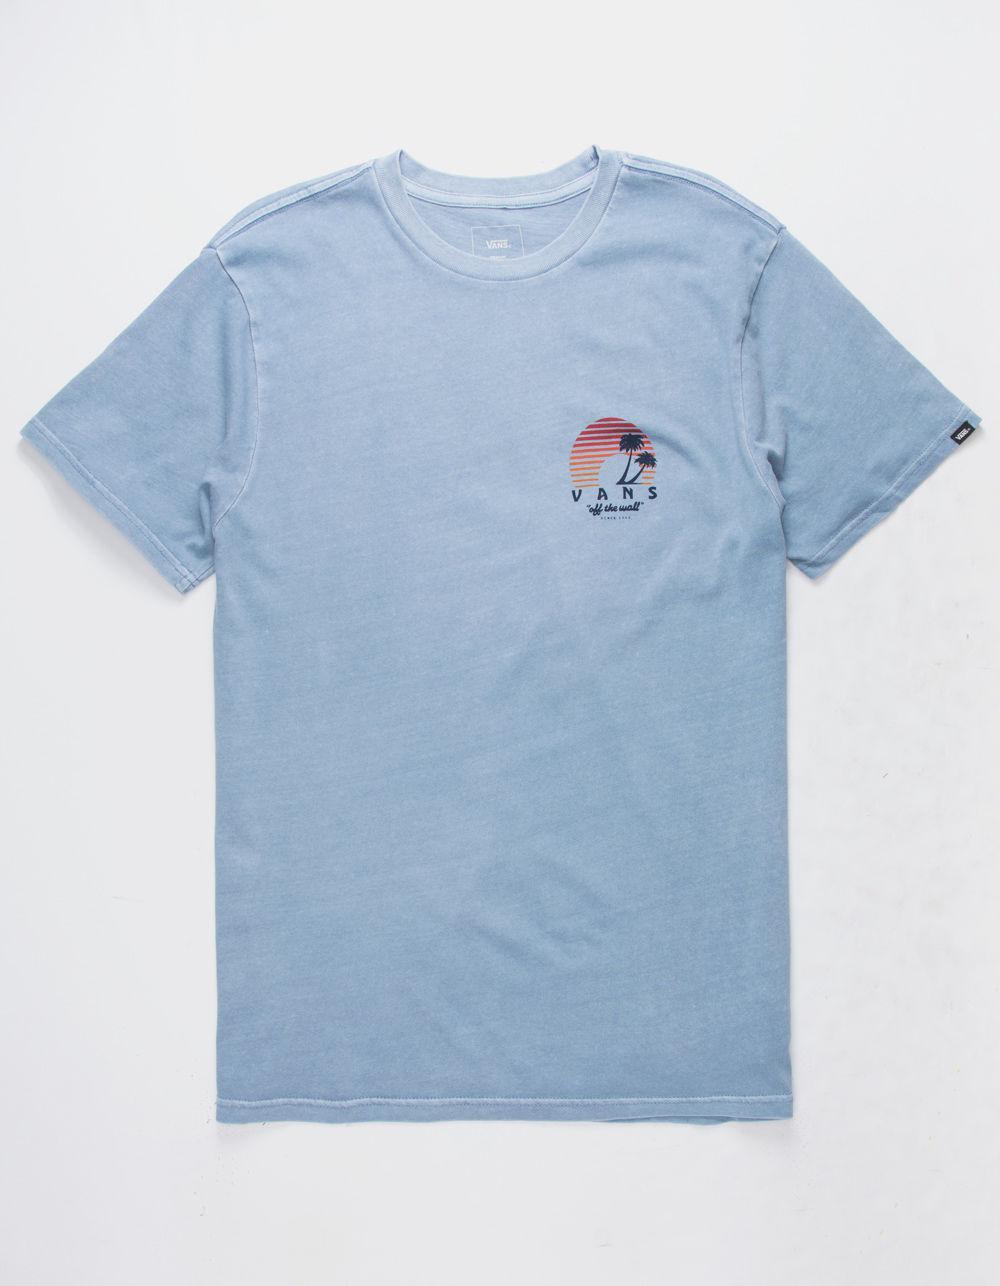 b2373c8995 Lyst - Vans Vintage Otw Sunset Mens T-shirt in Blue for Men - Save 32%